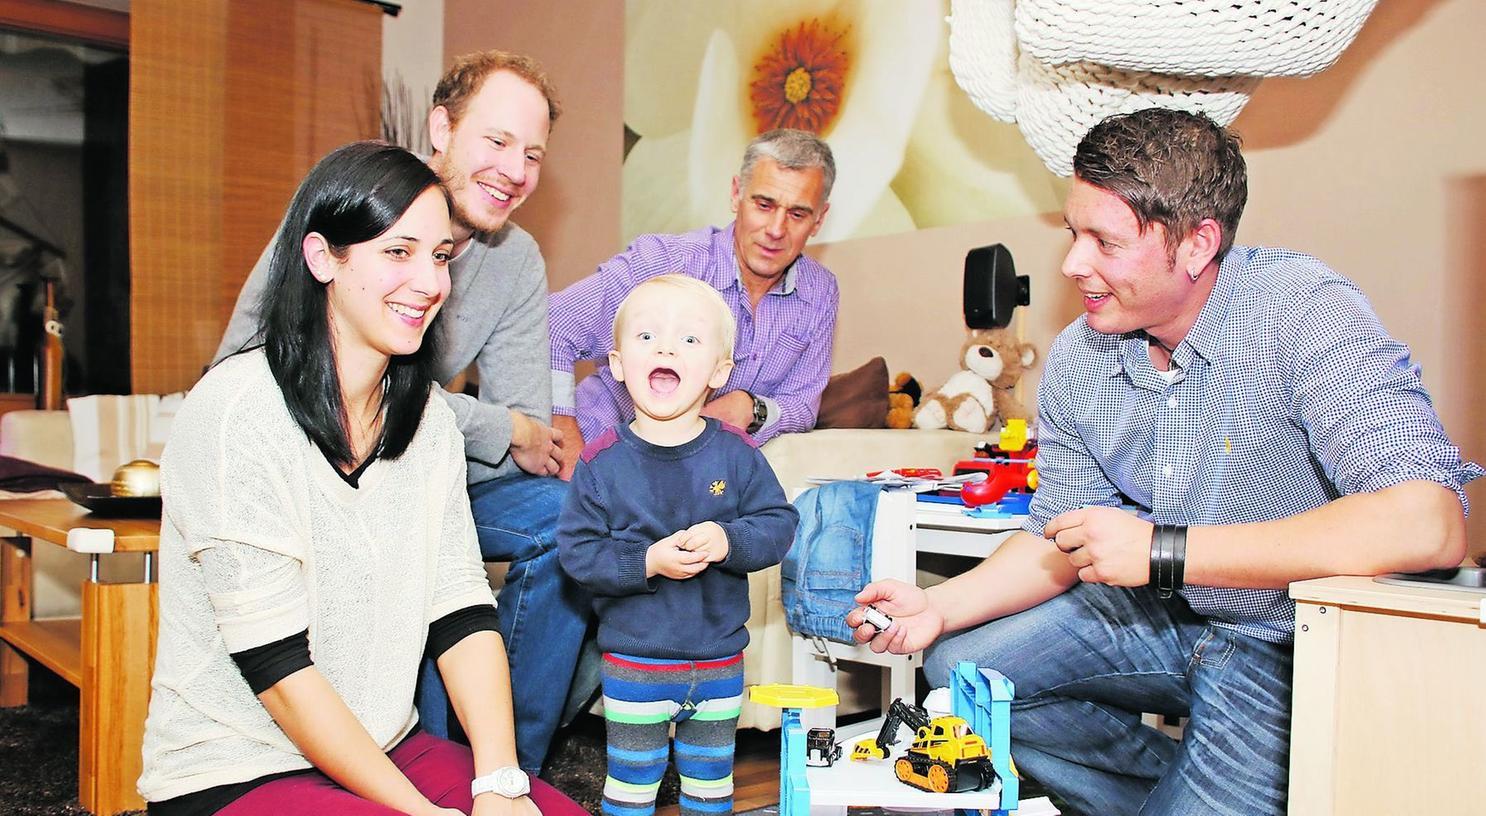 """""""Das Lächeln in die Gesichter der Kinder zurückbringen"""" hat sich der Verein """"Herzpflaster"""" zur Aufgabe gemacht. Wie das aussieht, macht der kleine Finn schon mal vor."""